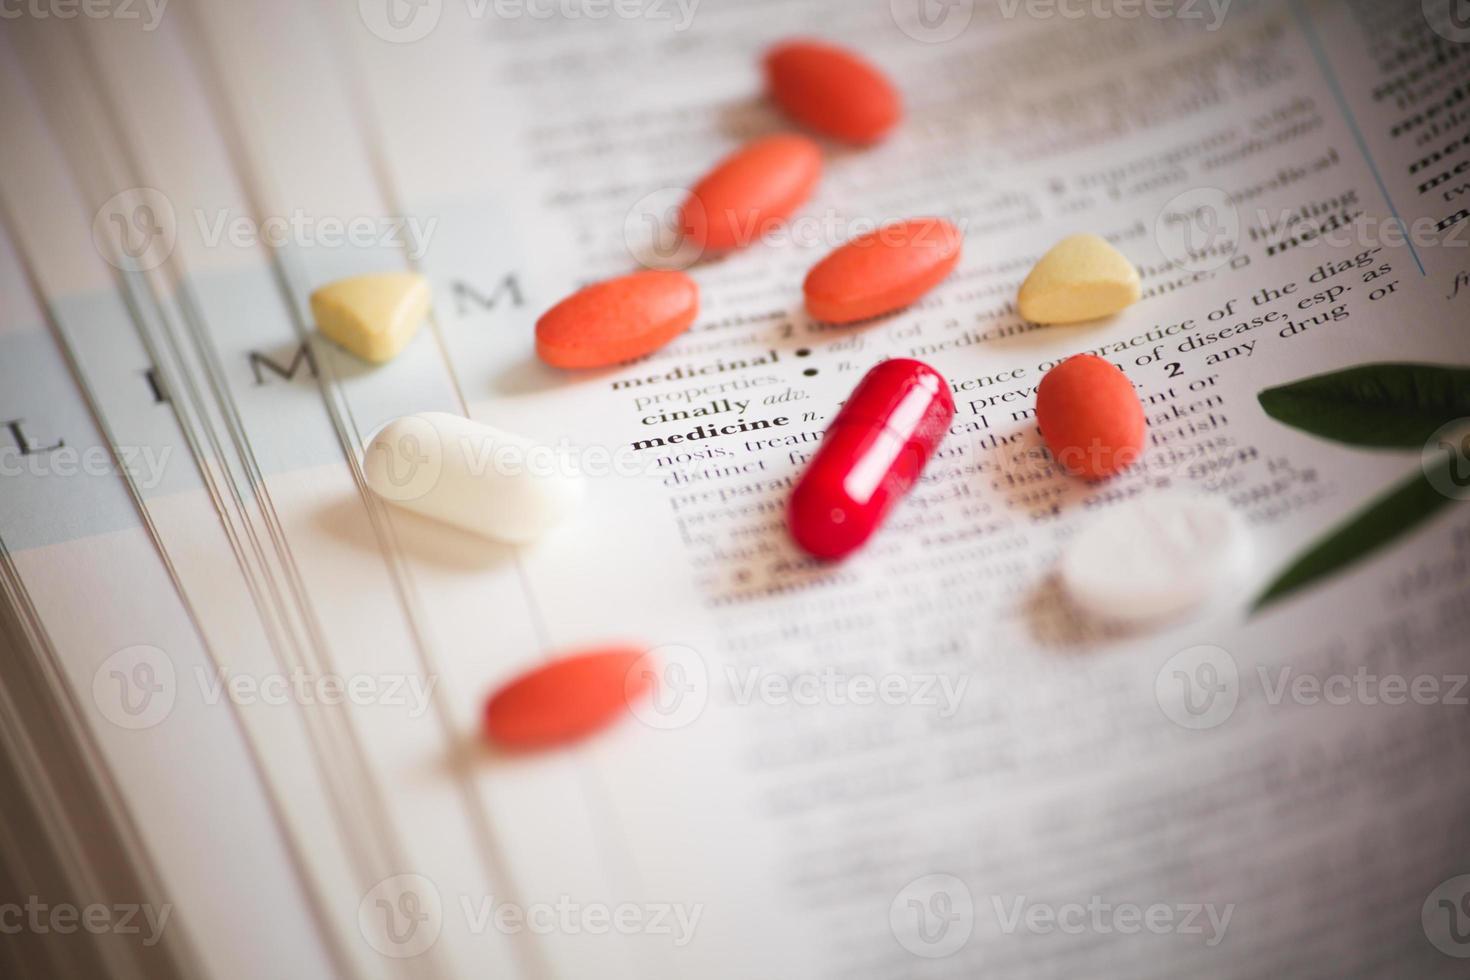 medicina em livros como formação médica foto